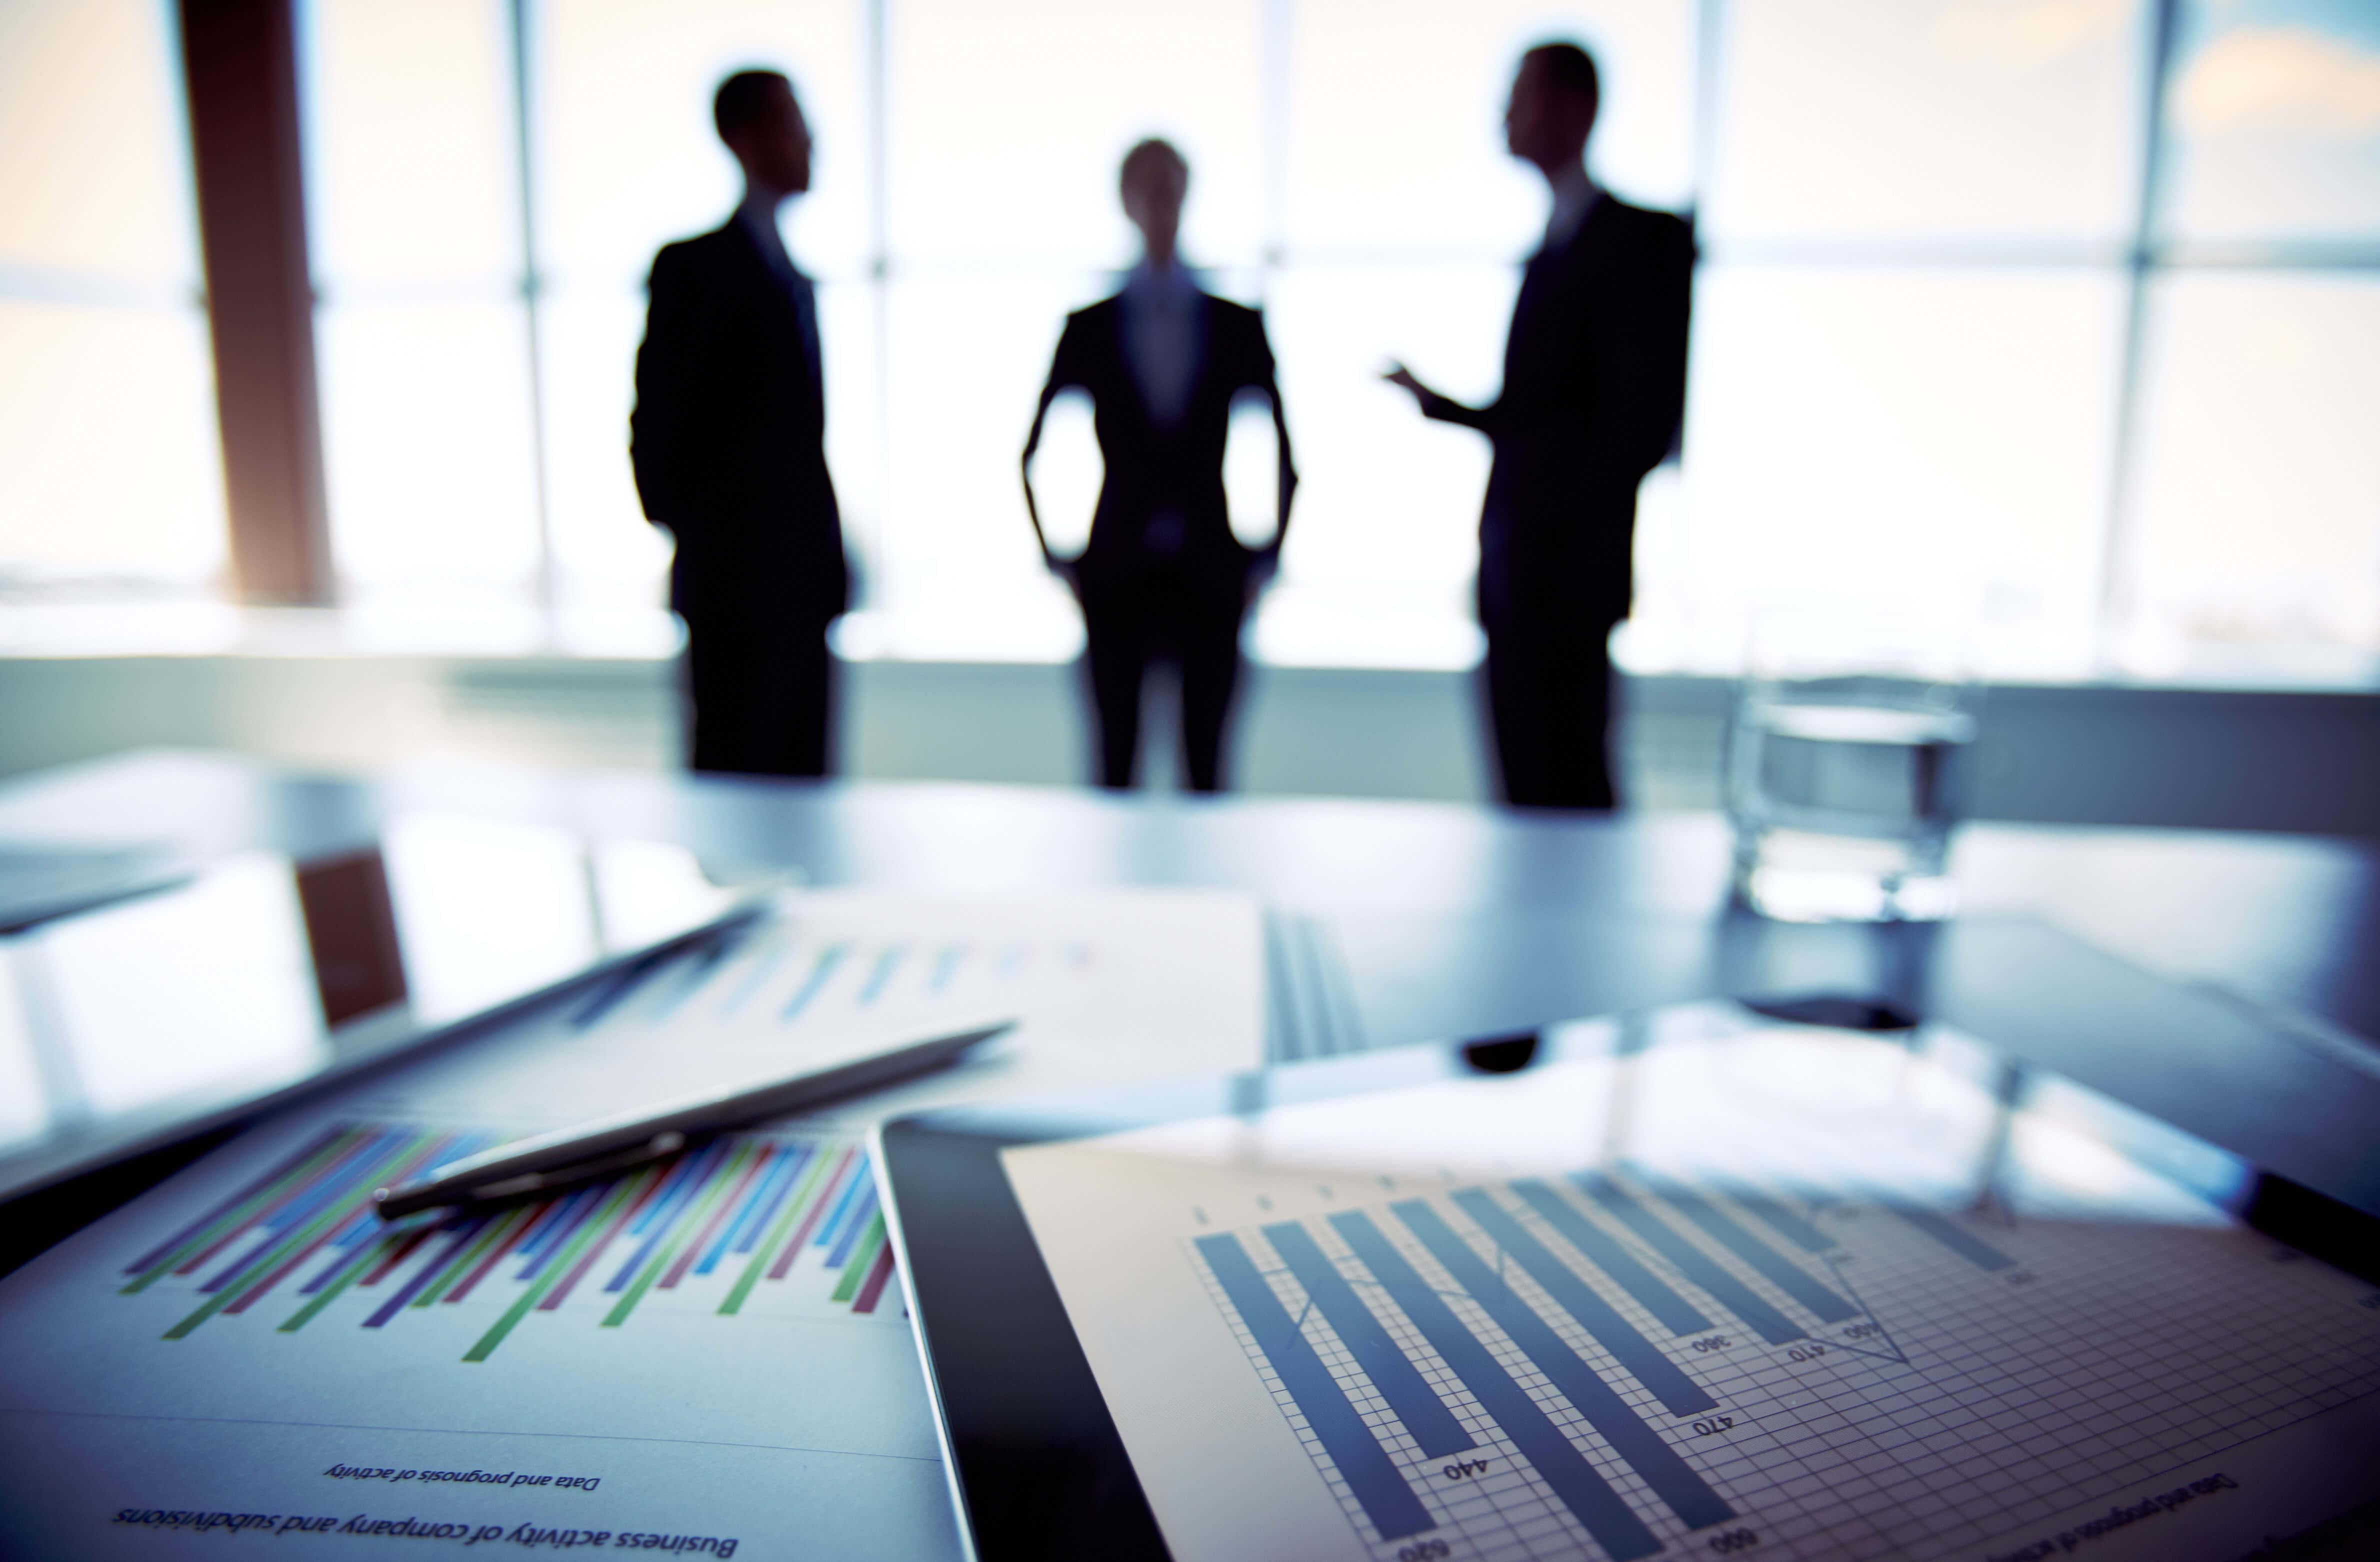 guadagnare business incremento incrementare 5 segreti modi stili tecniche impresa branding